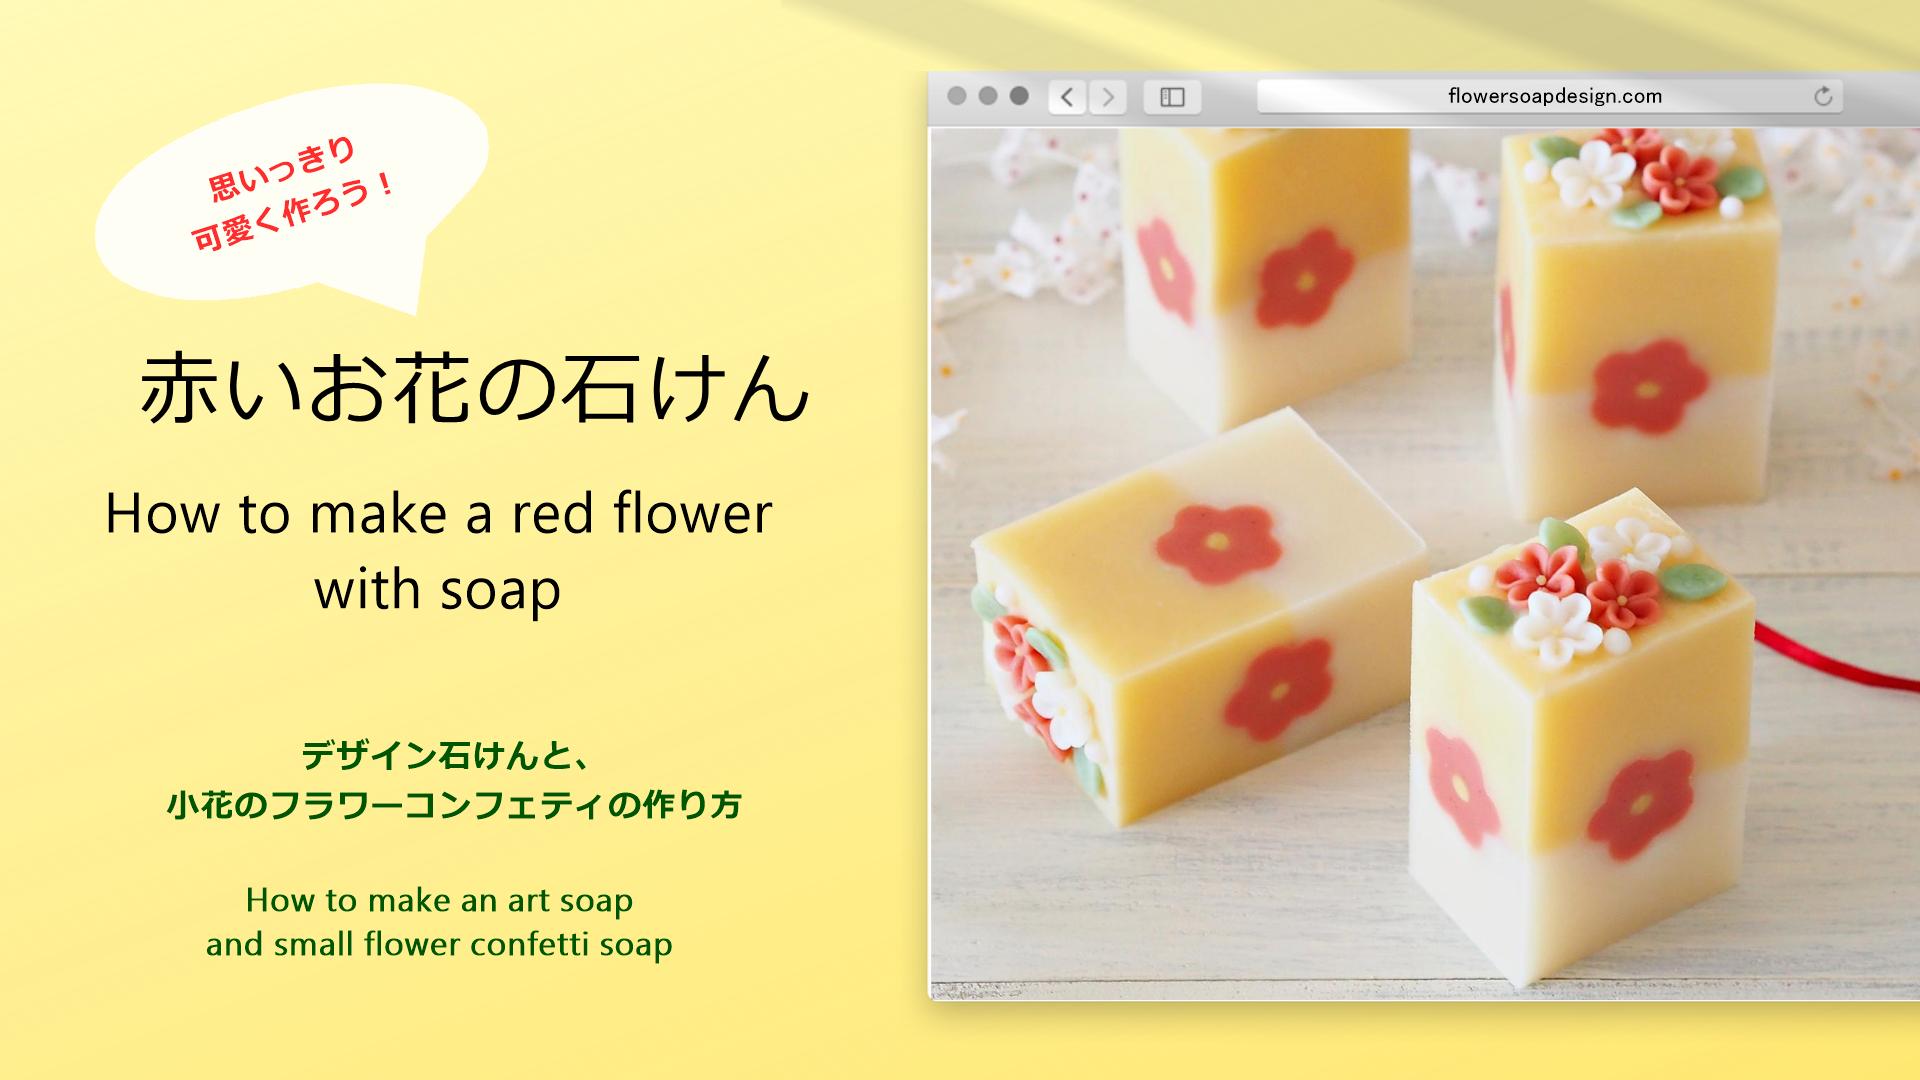 赤いお花の石けん(デザイン石けんと、小花のフラワーコンフェティの作り方)